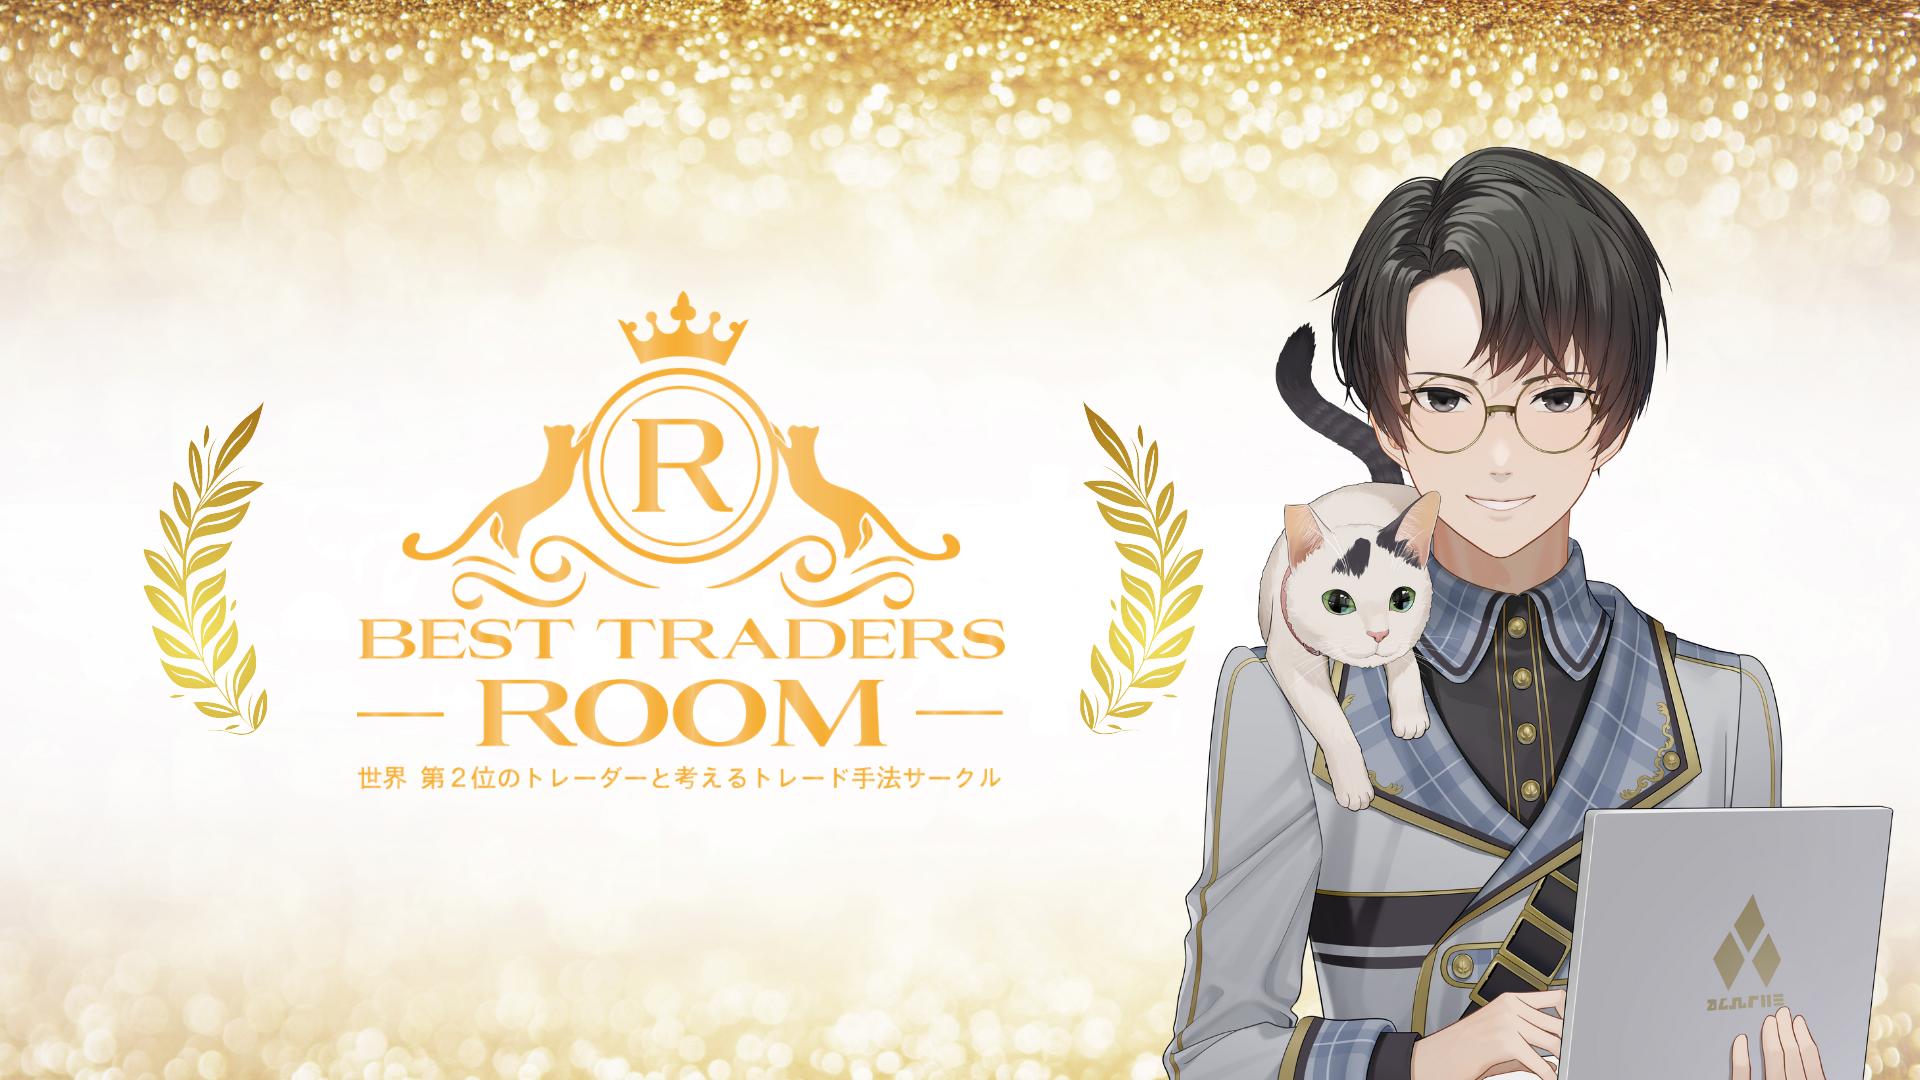 【 BEST TRADERS ROOM 】